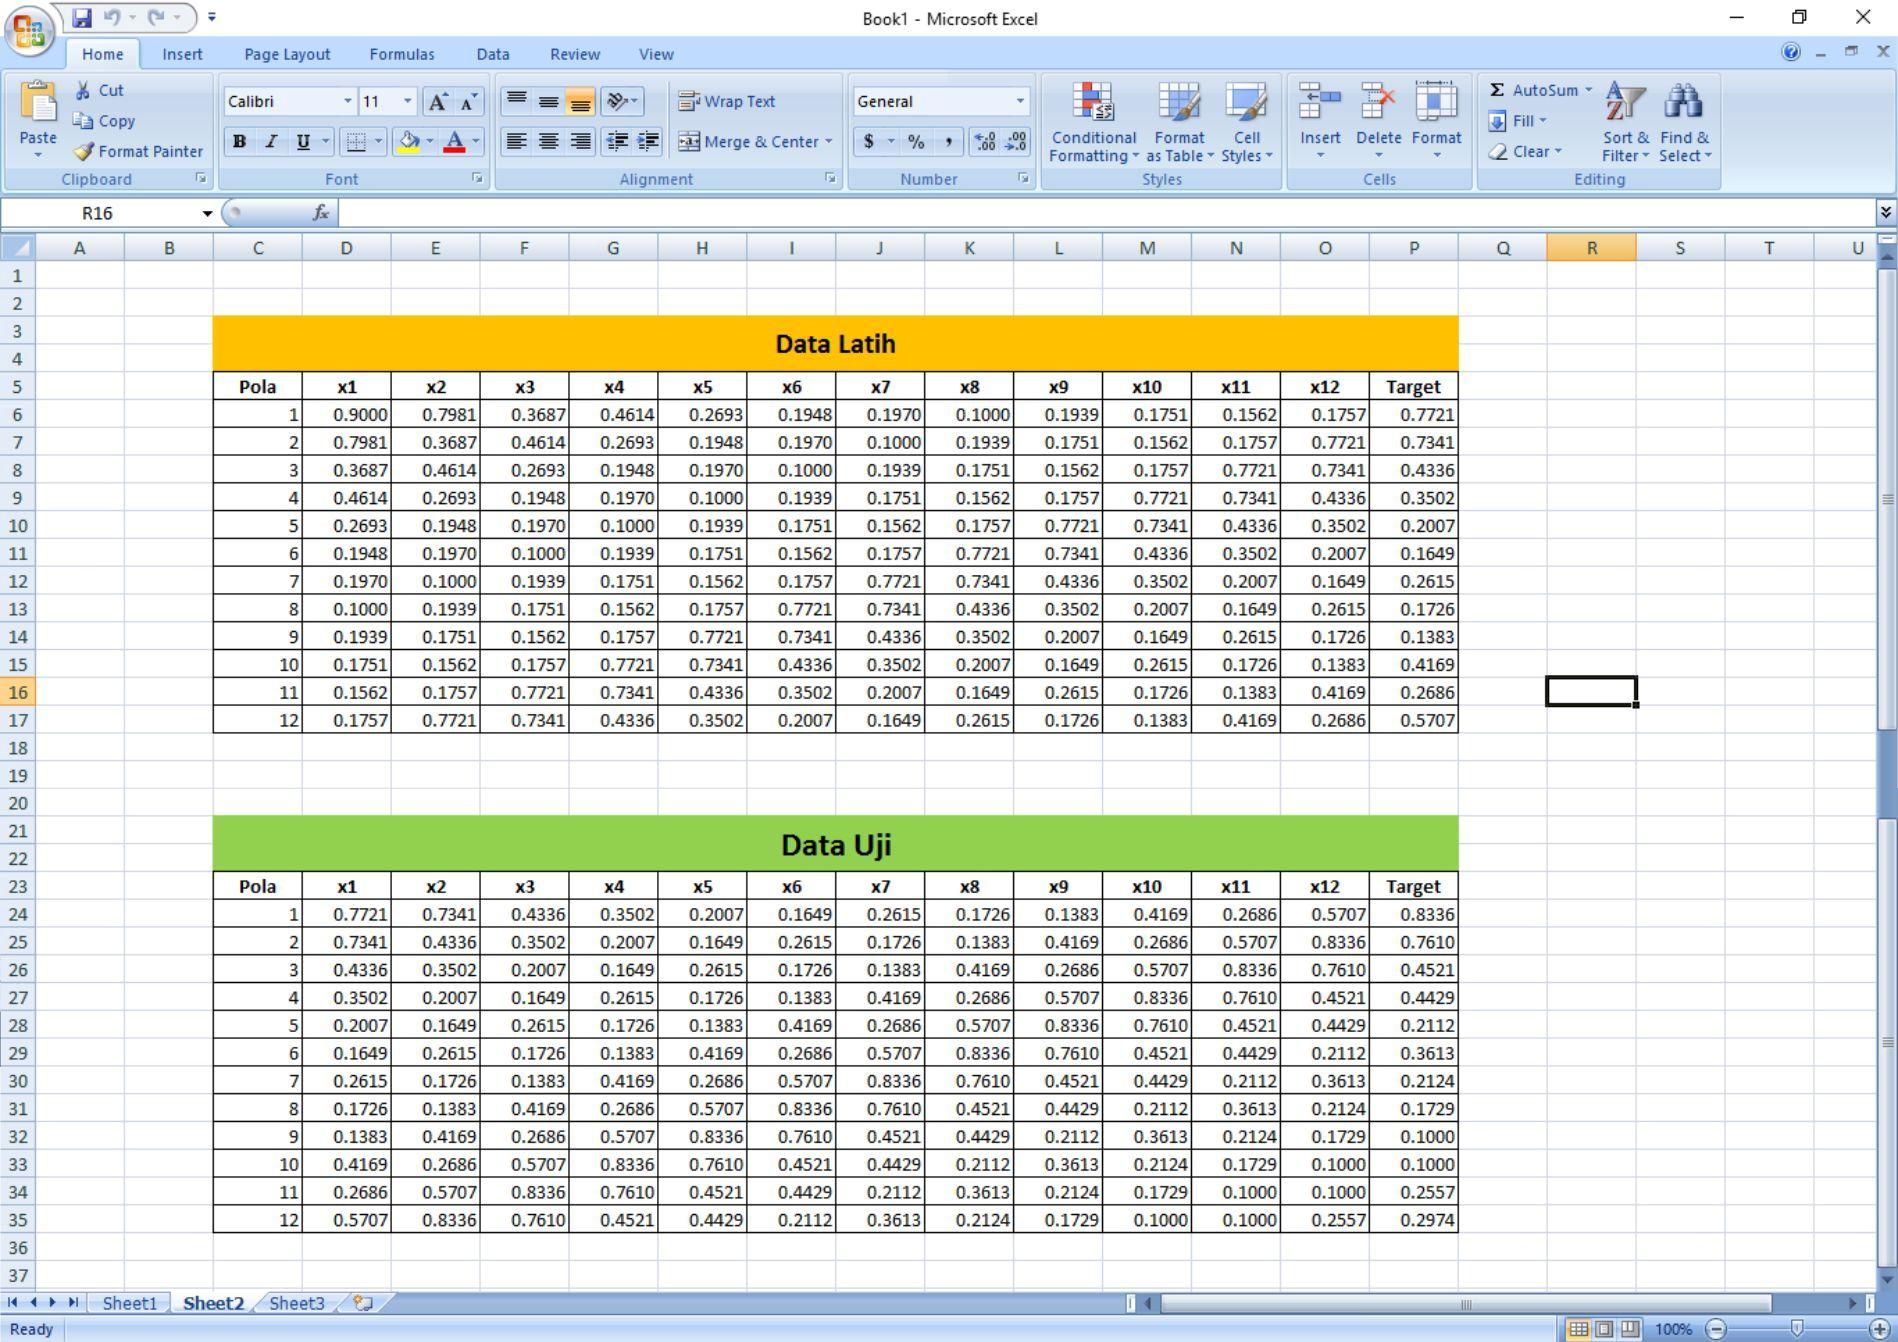 Jaringan Syaraf Tiruan Untuk Prediksi Menggunakan Matlab Buku Tutorial Dasar Pemrograman Tahun 2005 2006 Sedangkan Data Uji Curah Hujan Pada Bulan Ke 13 Sd 36 2007 Pola Masukan Proses